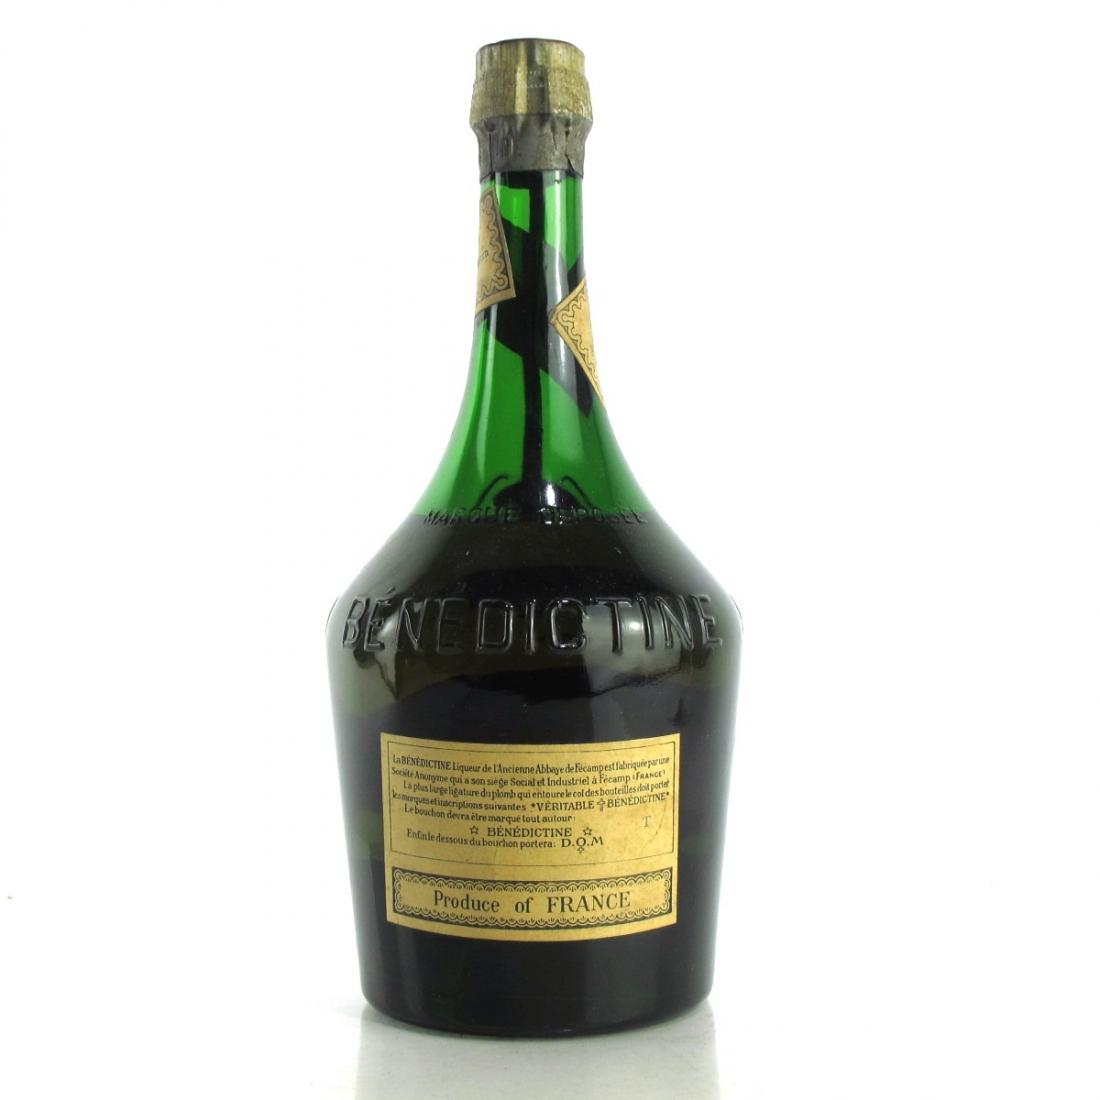 Benedictine D.O.M Liqueur